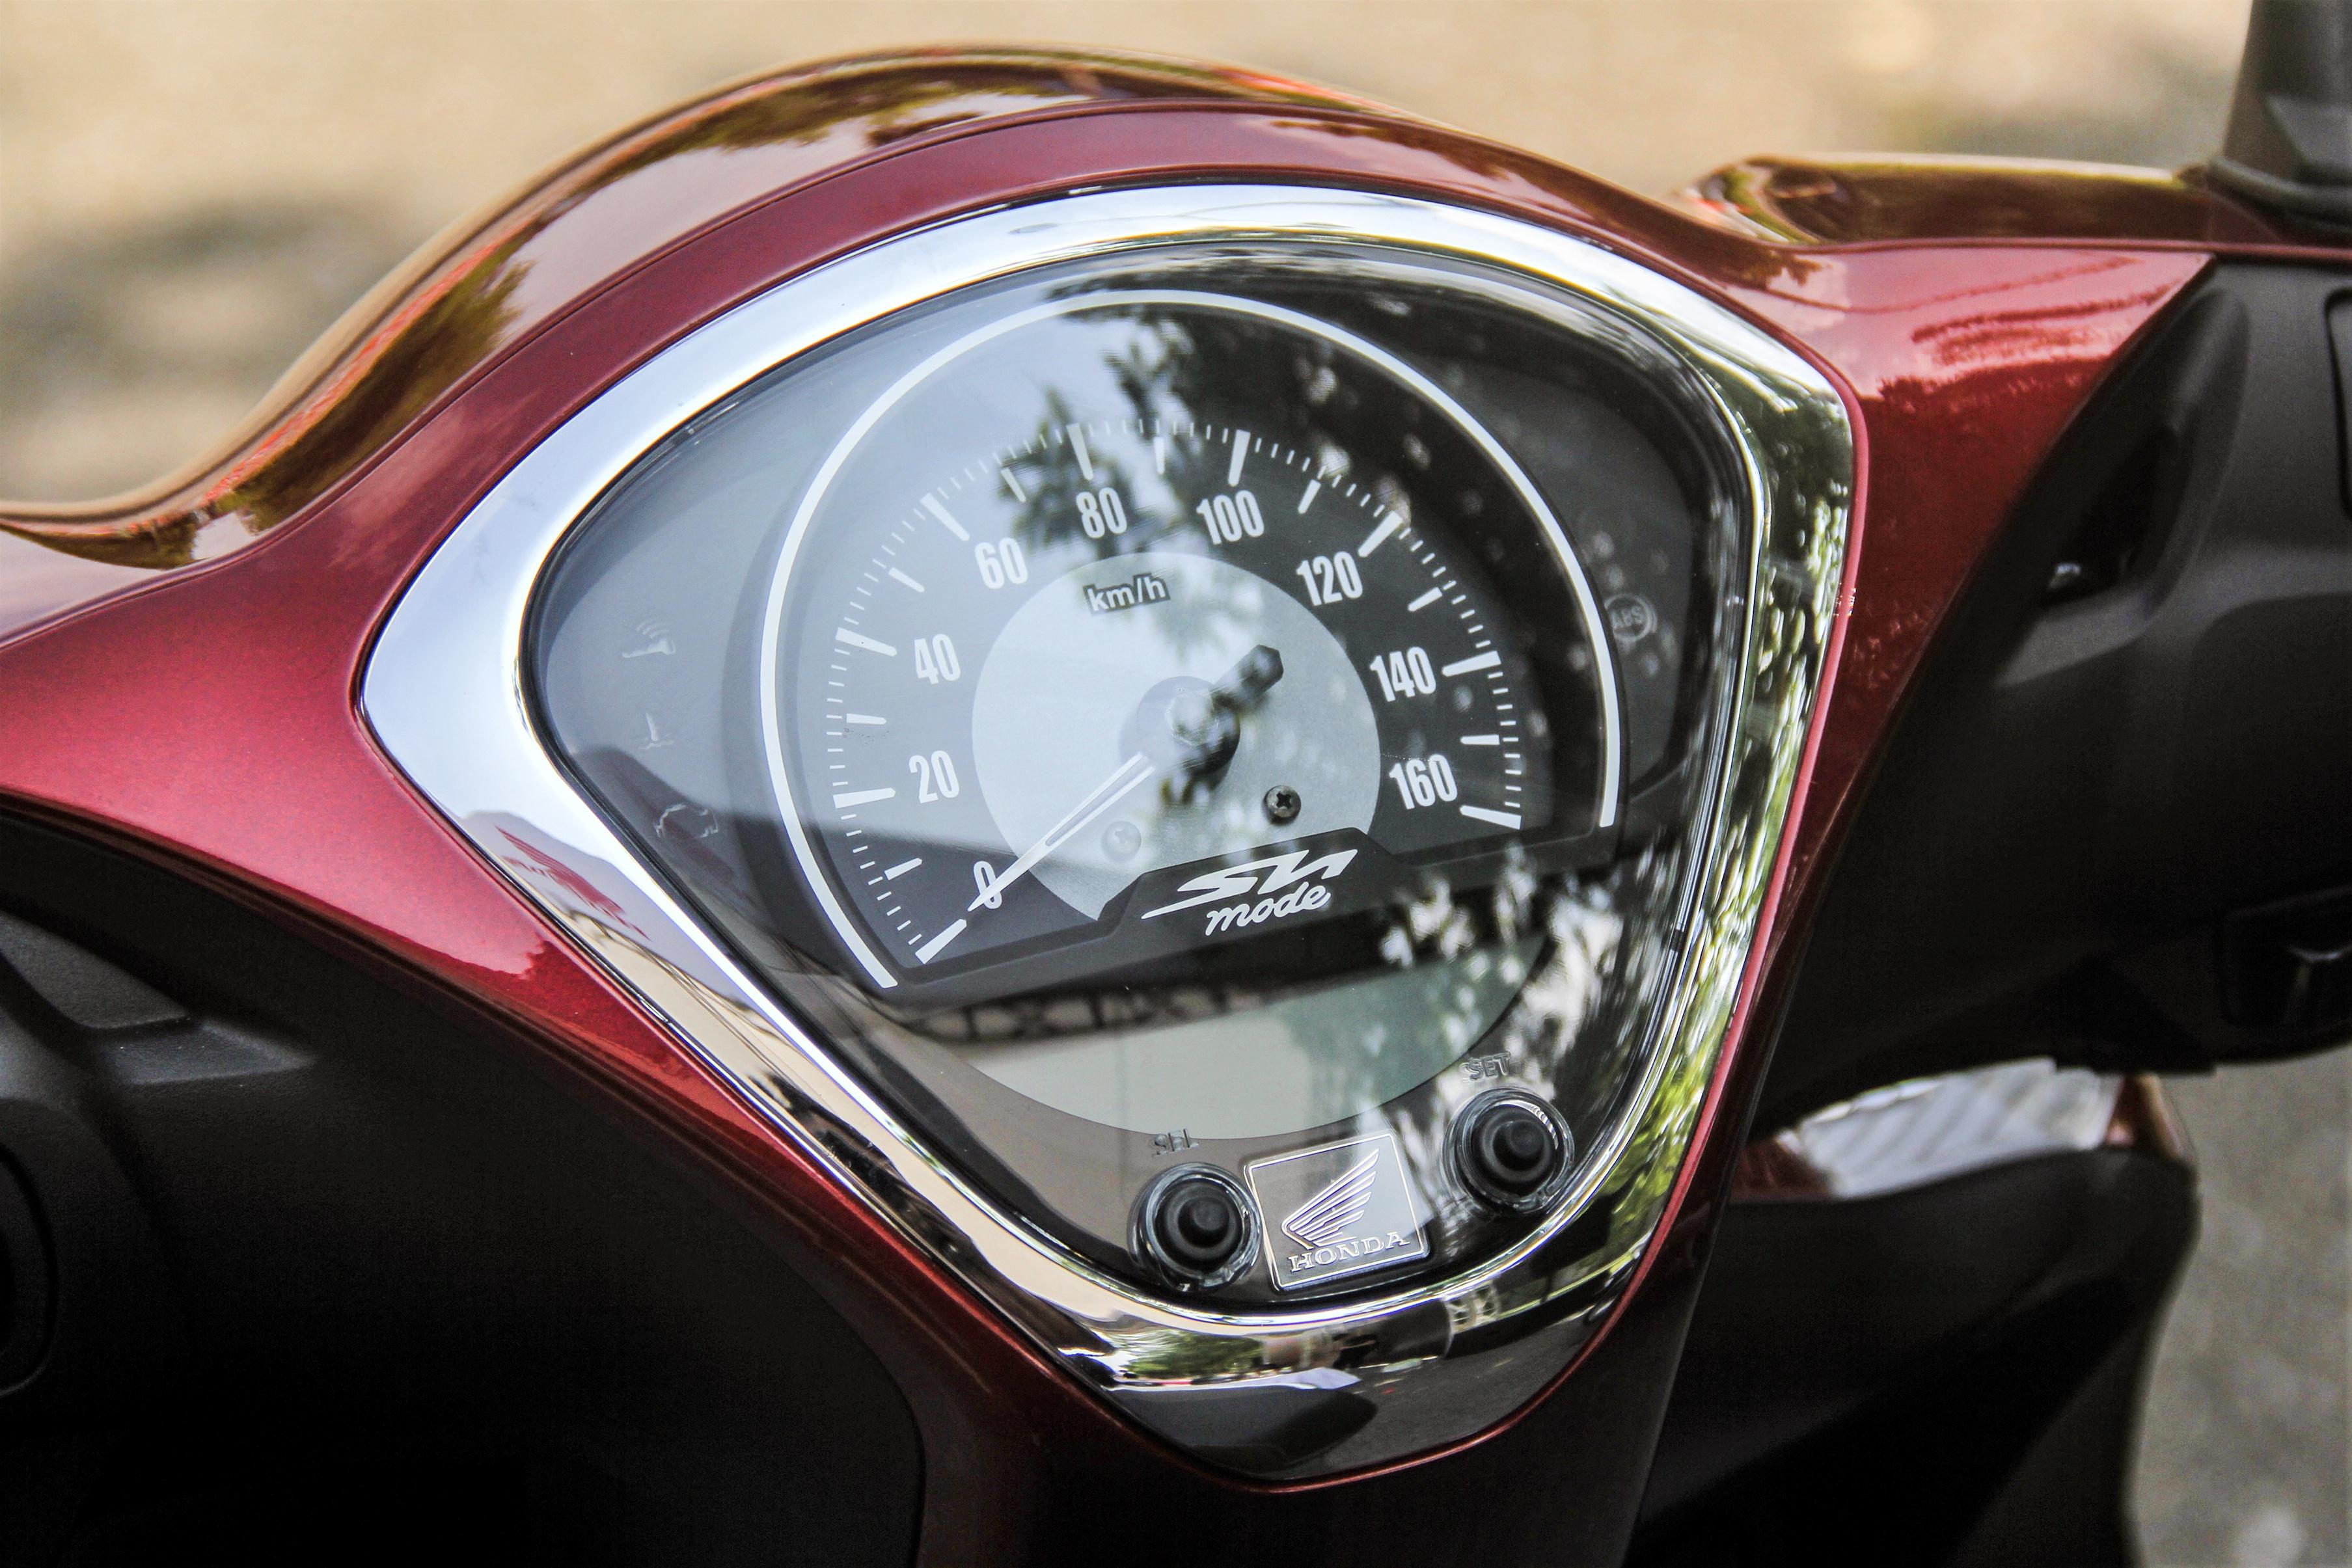 Gia lan banh tay ga 125 cc co phanh ABS anh 15